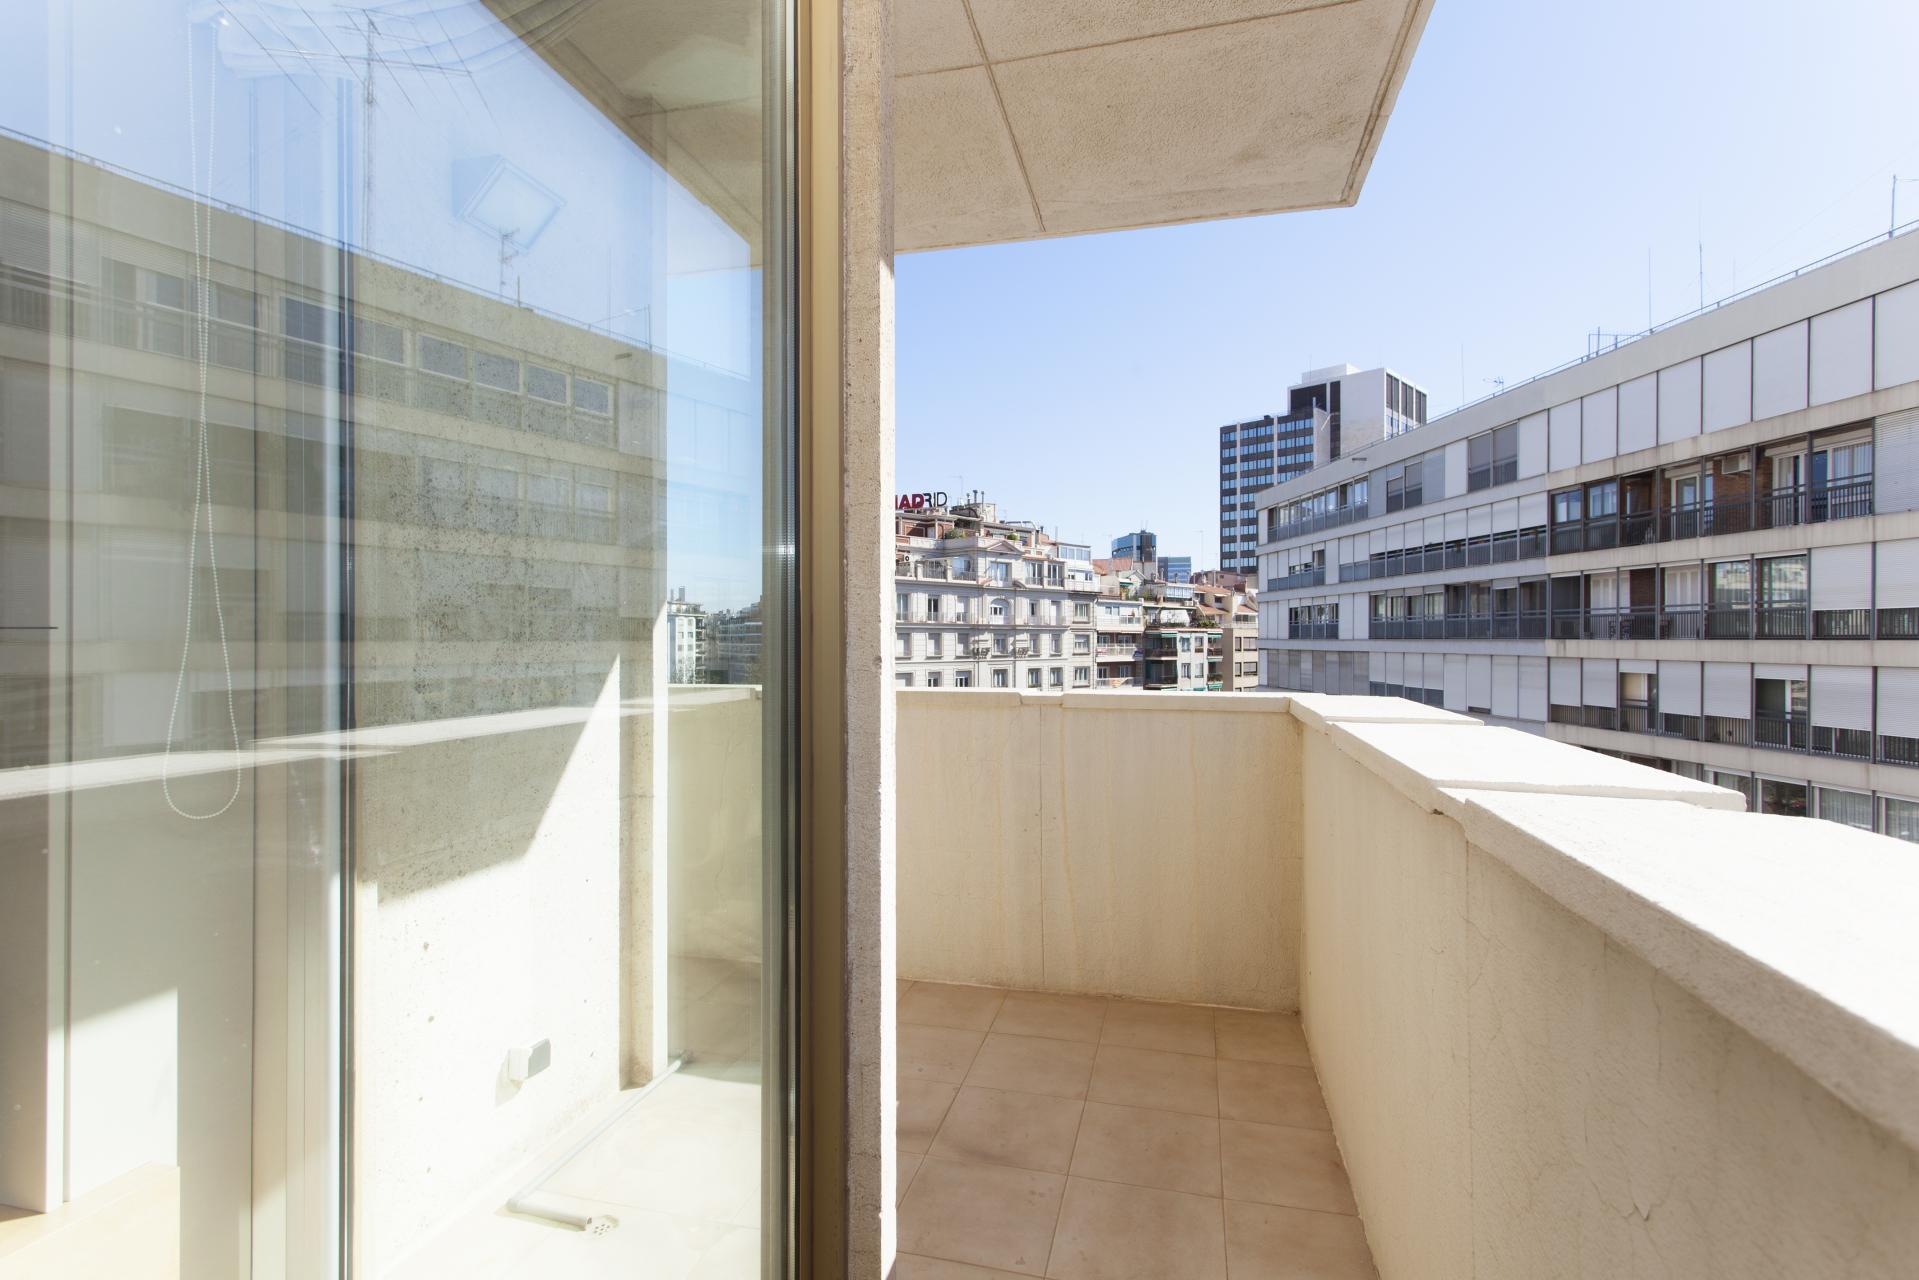 Shbarcelona piso alquiler s rria sant gervasi barcelona for Alquiler piso sarria barcelona